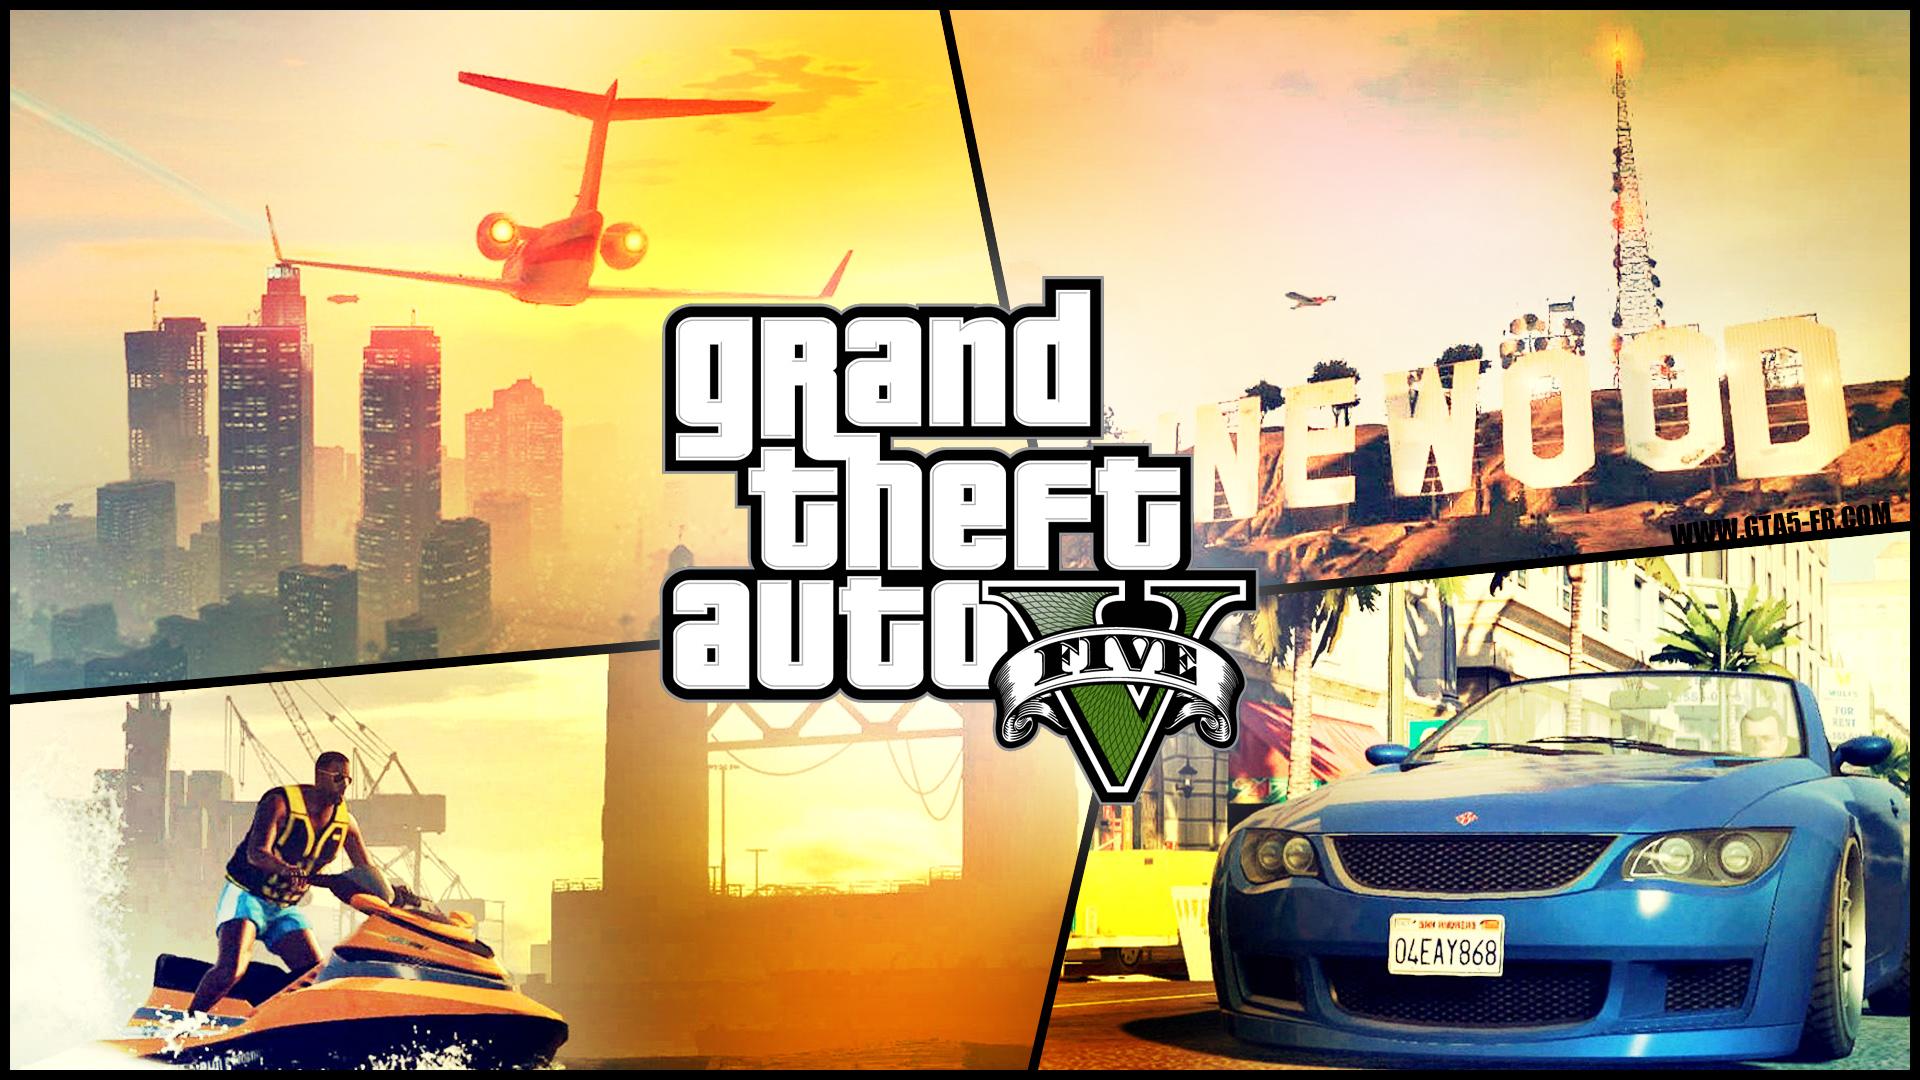 Wallpaper Gta 5 Grand Theft Auto V Rockstar 12 Wallpapers 1920x1080